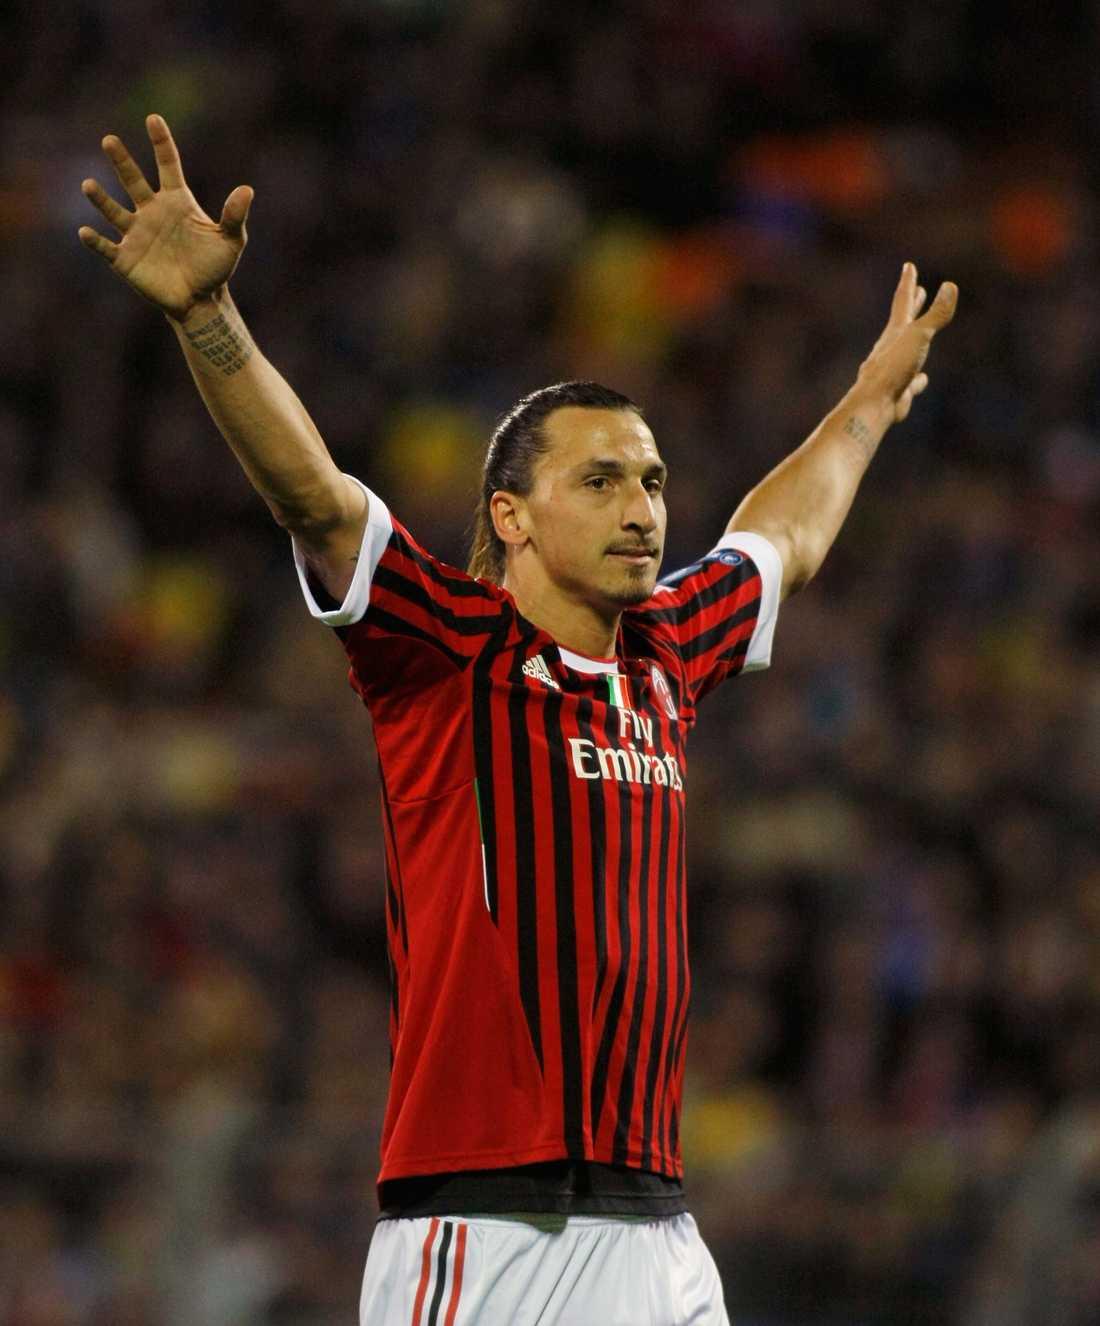 Vinner igen Spelen har strömmat in på att Zlatan Ibrahimovic vinner sin sjätte guldboll i kväll. Det gjorde att ett spelbolag tvingades stänga spelet i går på eftermiddagen.